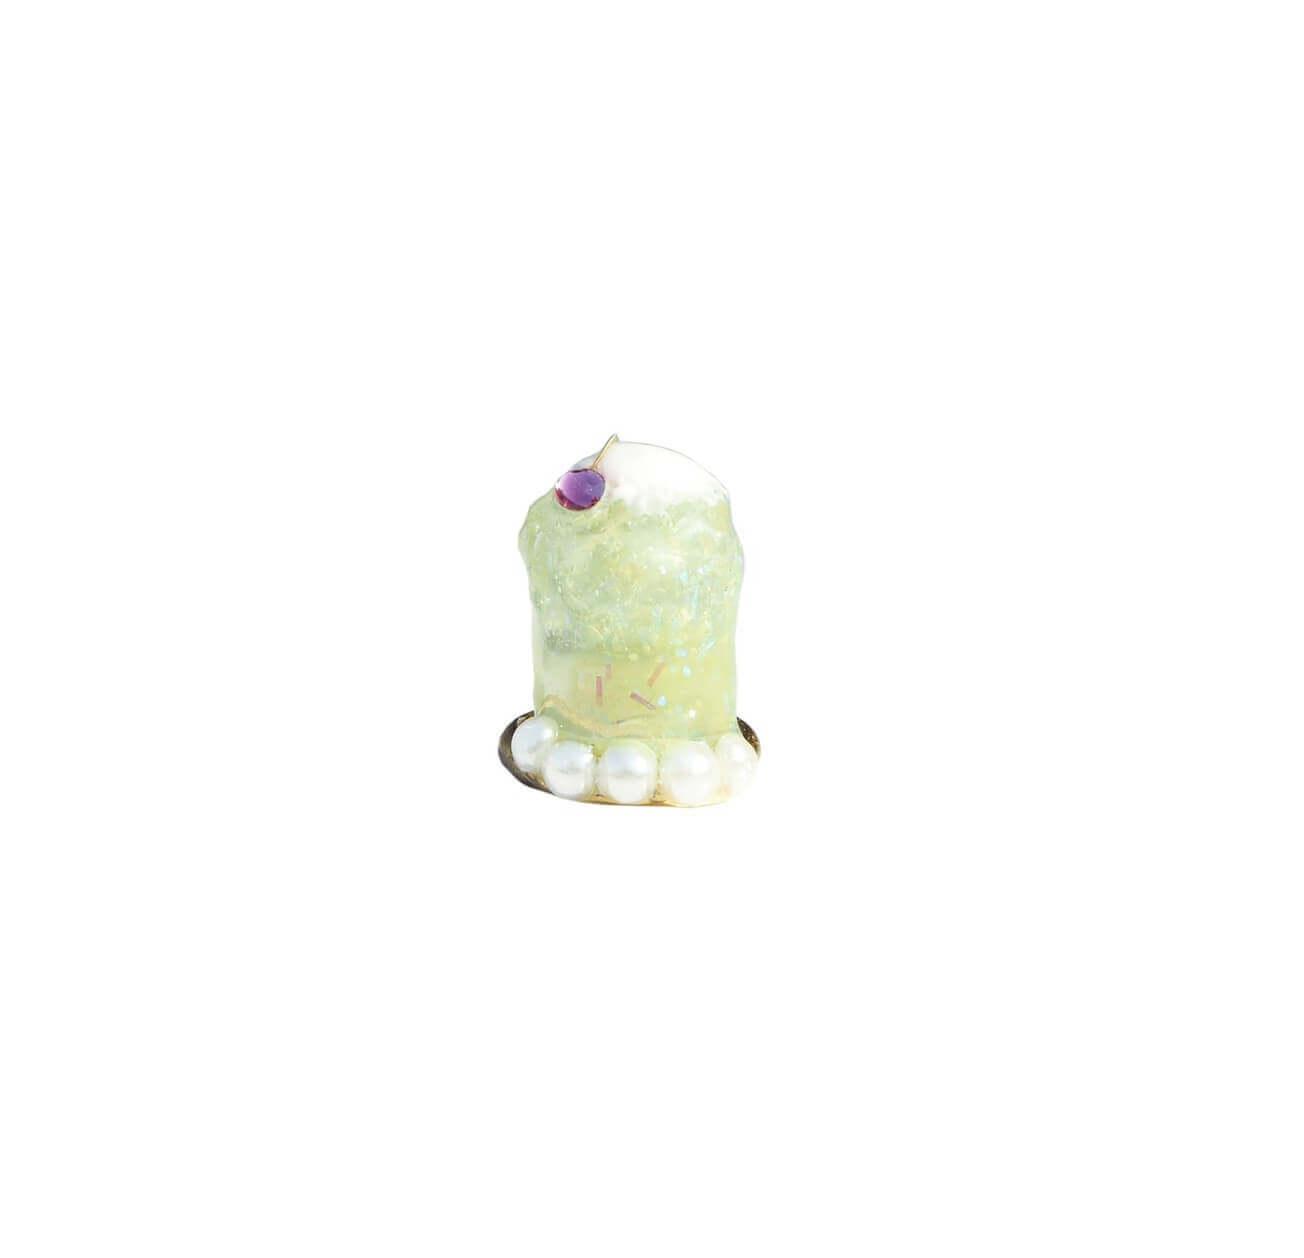 なかやまちえこDesign Ring クリームソーダ グリーン/¥4,730(税込み)